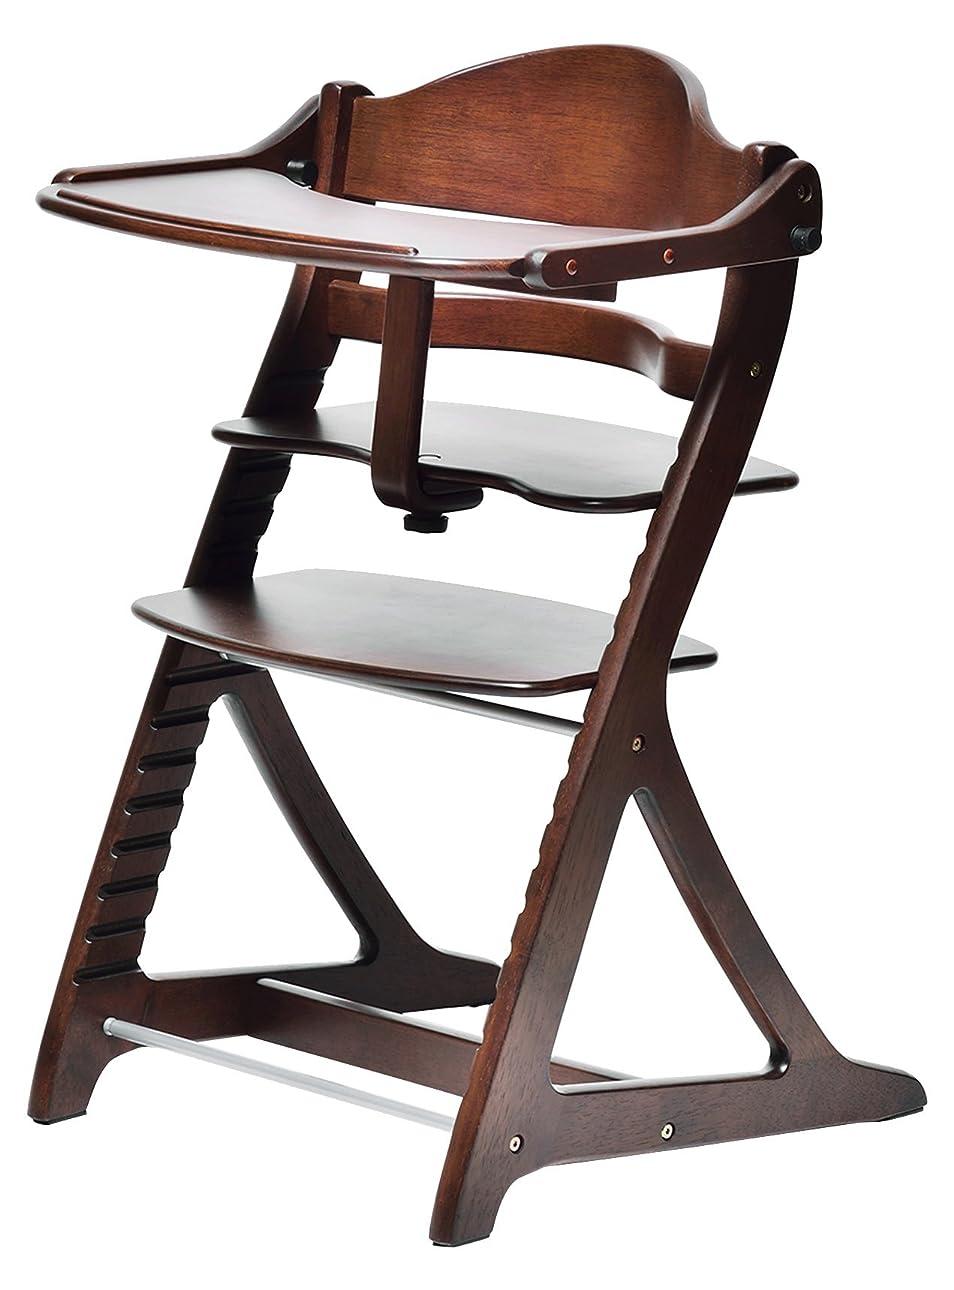 アシストホースベリ大和屋 すくすくチェアプラス テーブル付 ダークブラウンDB 1503 使いやすく進化し続けるロングセラーのベビーチェア